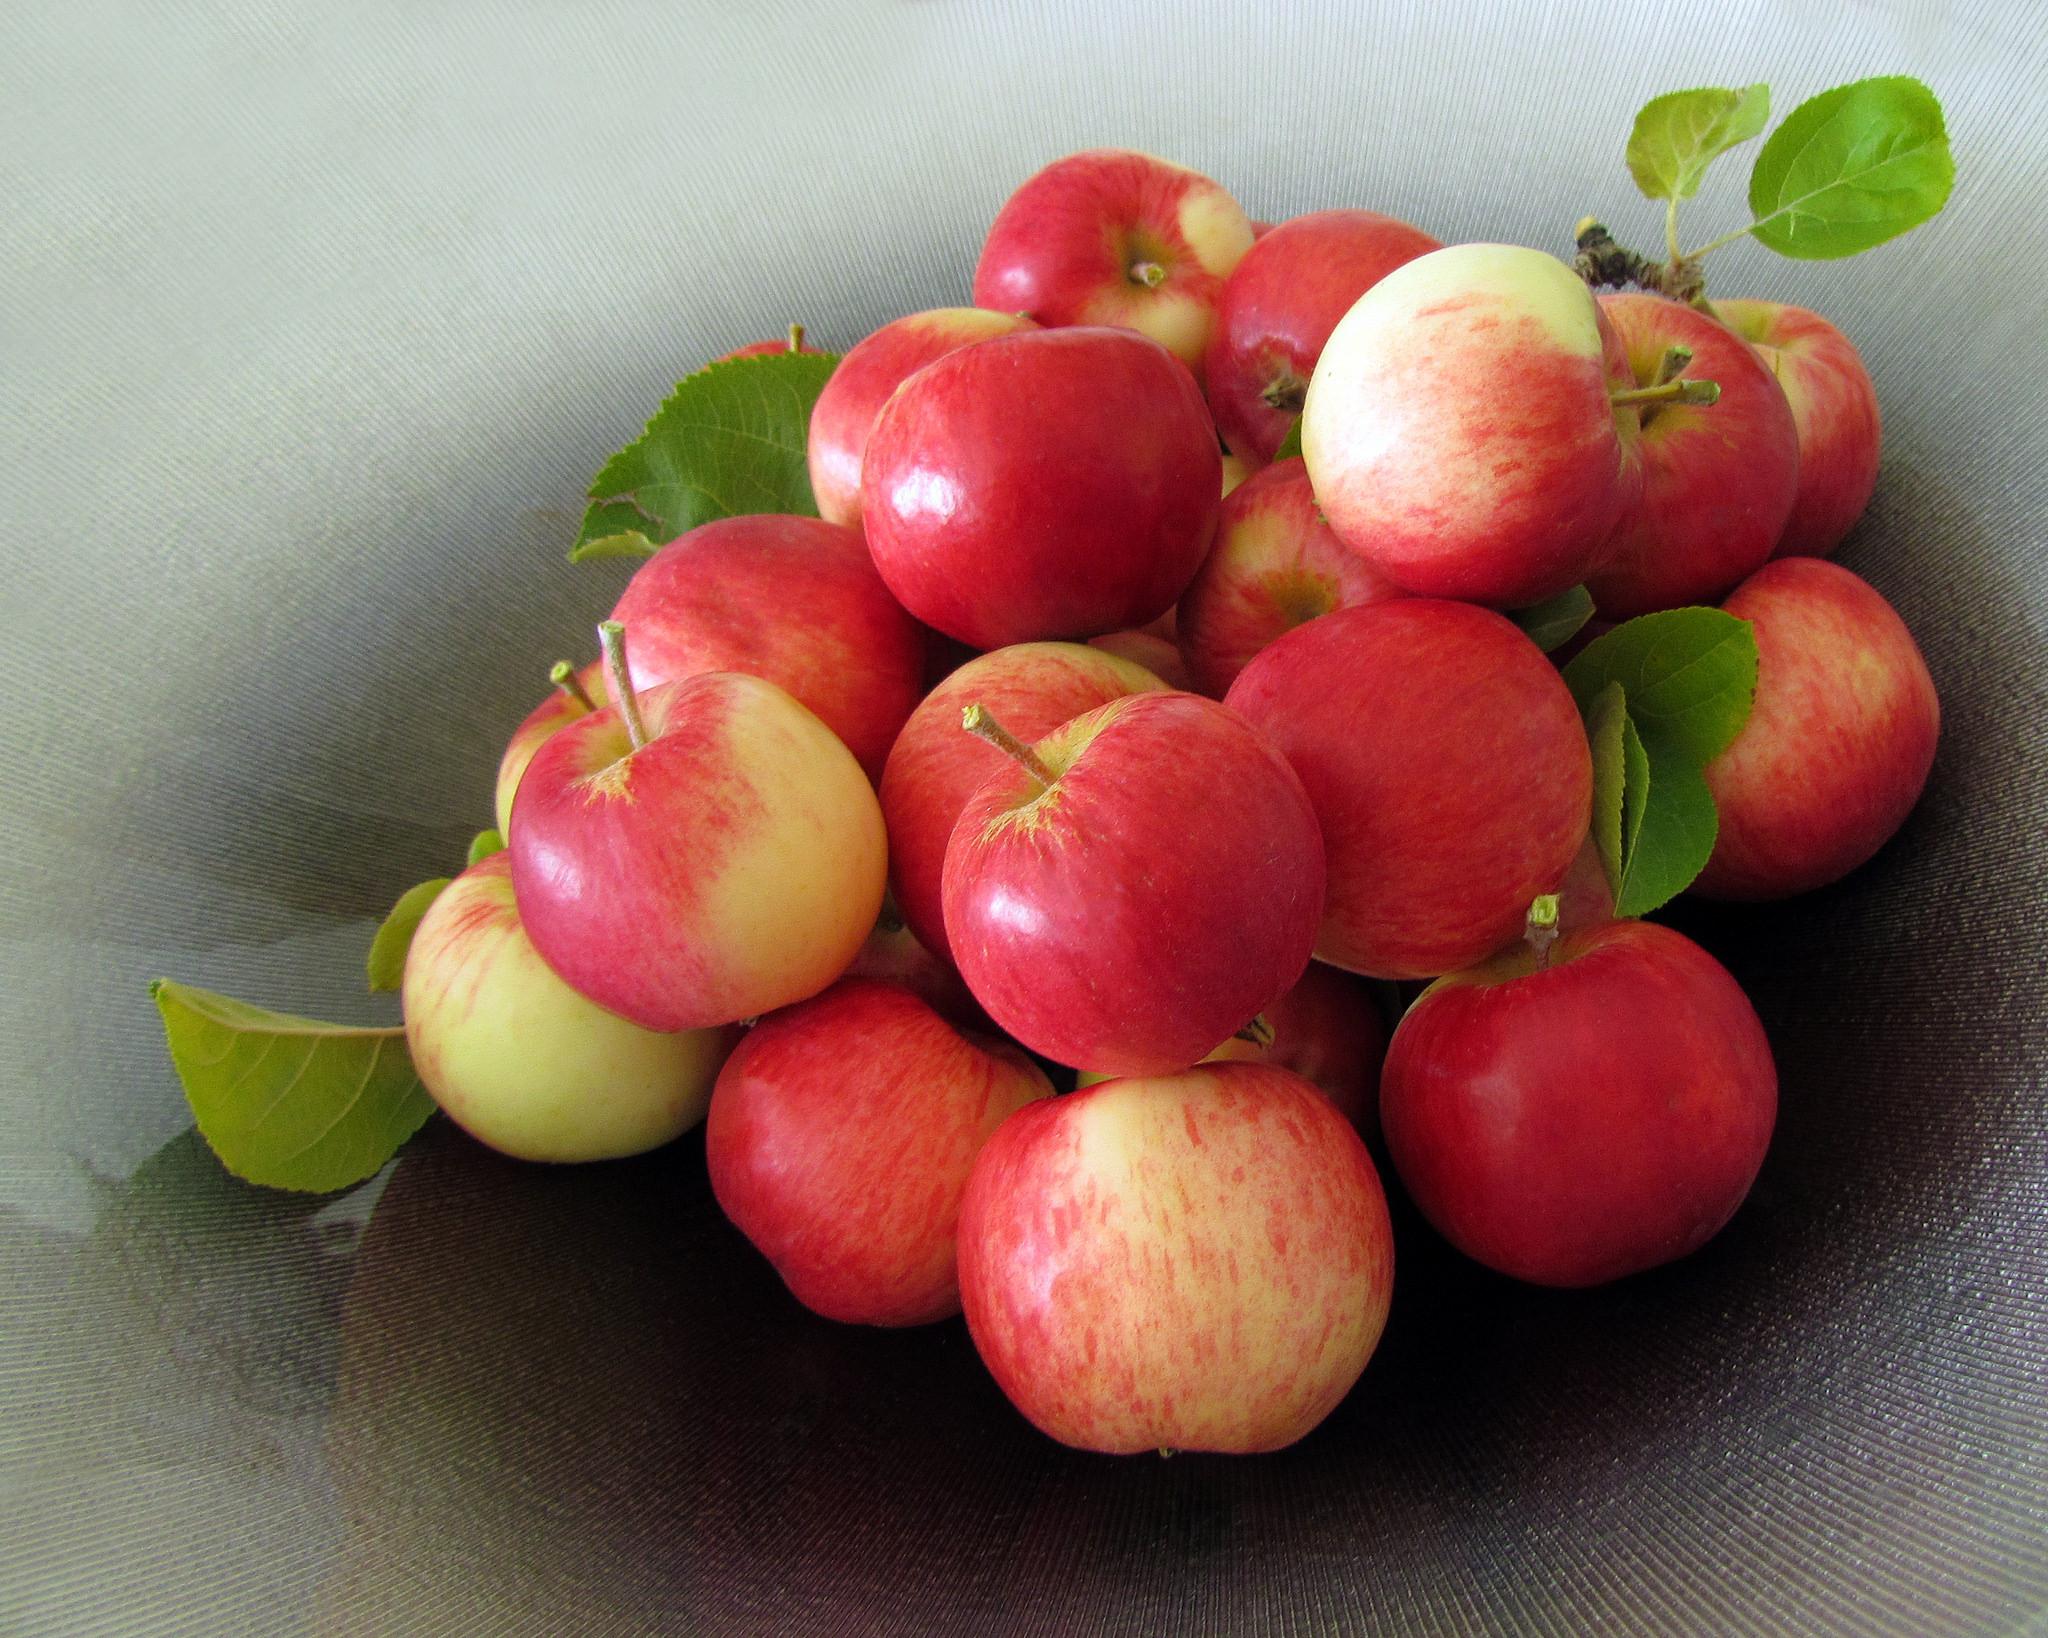 обои яблоки, фрукты, еда картинки фото